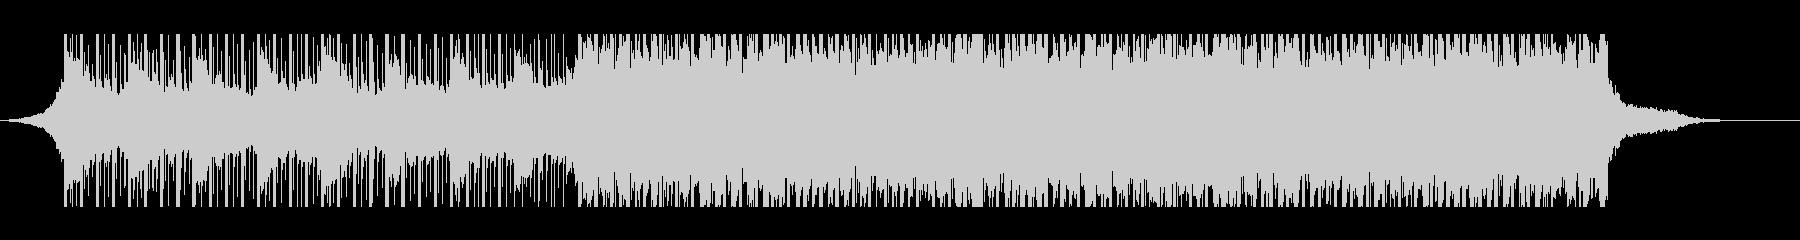 やる気 (60 Sec)の未再生の波形